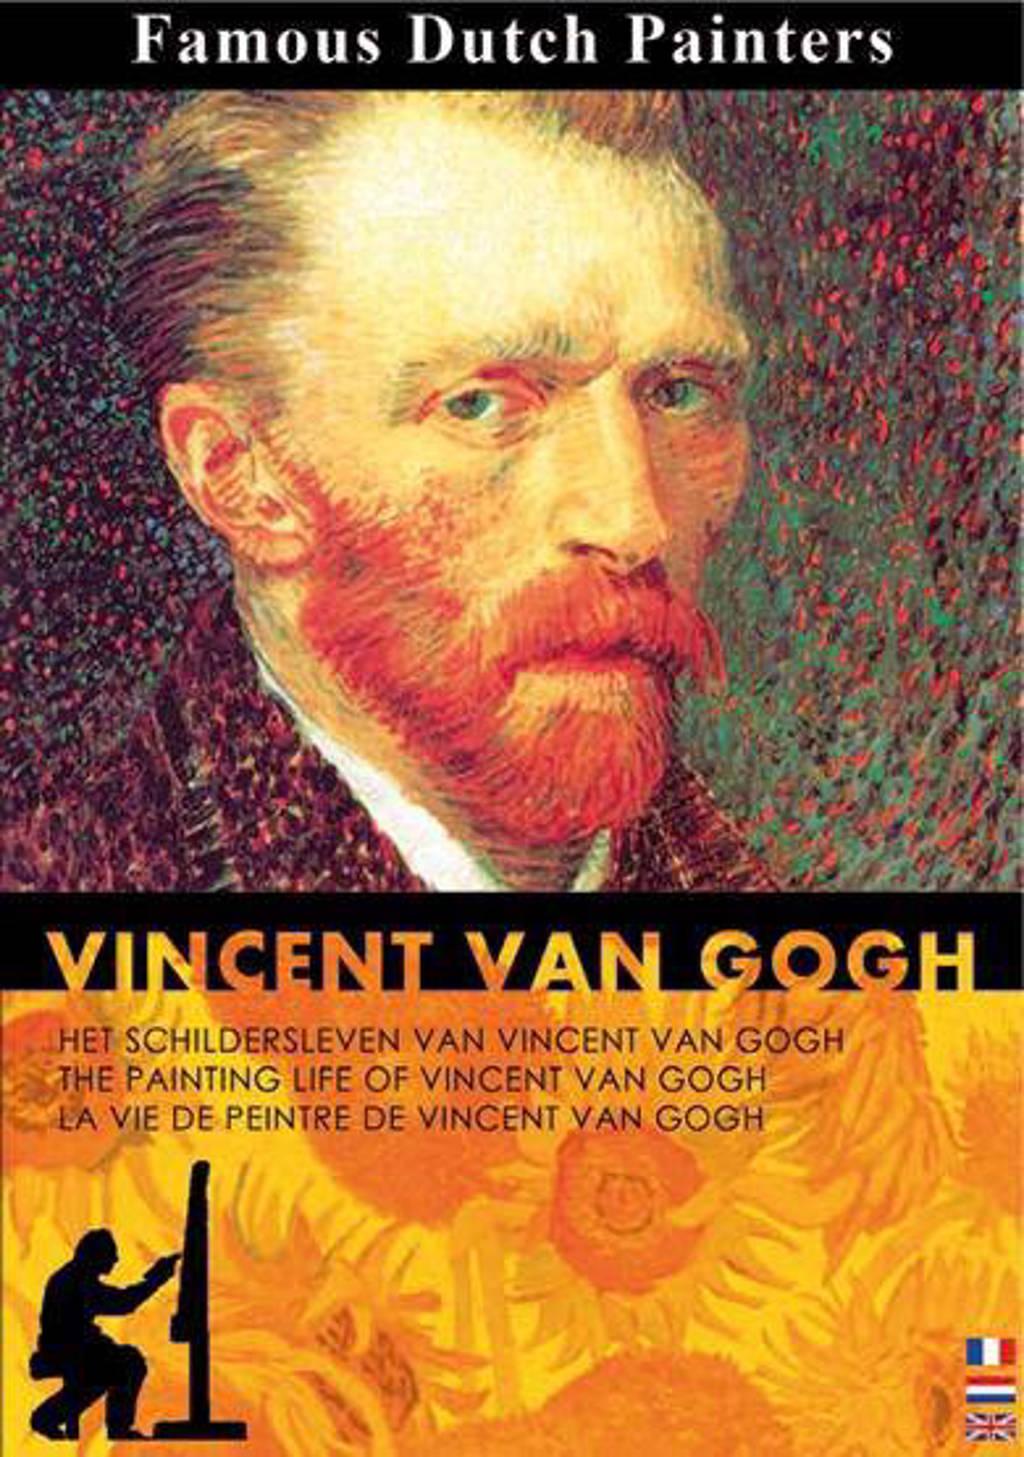 Levensverhaal van Vincent van Gogh (DVD)